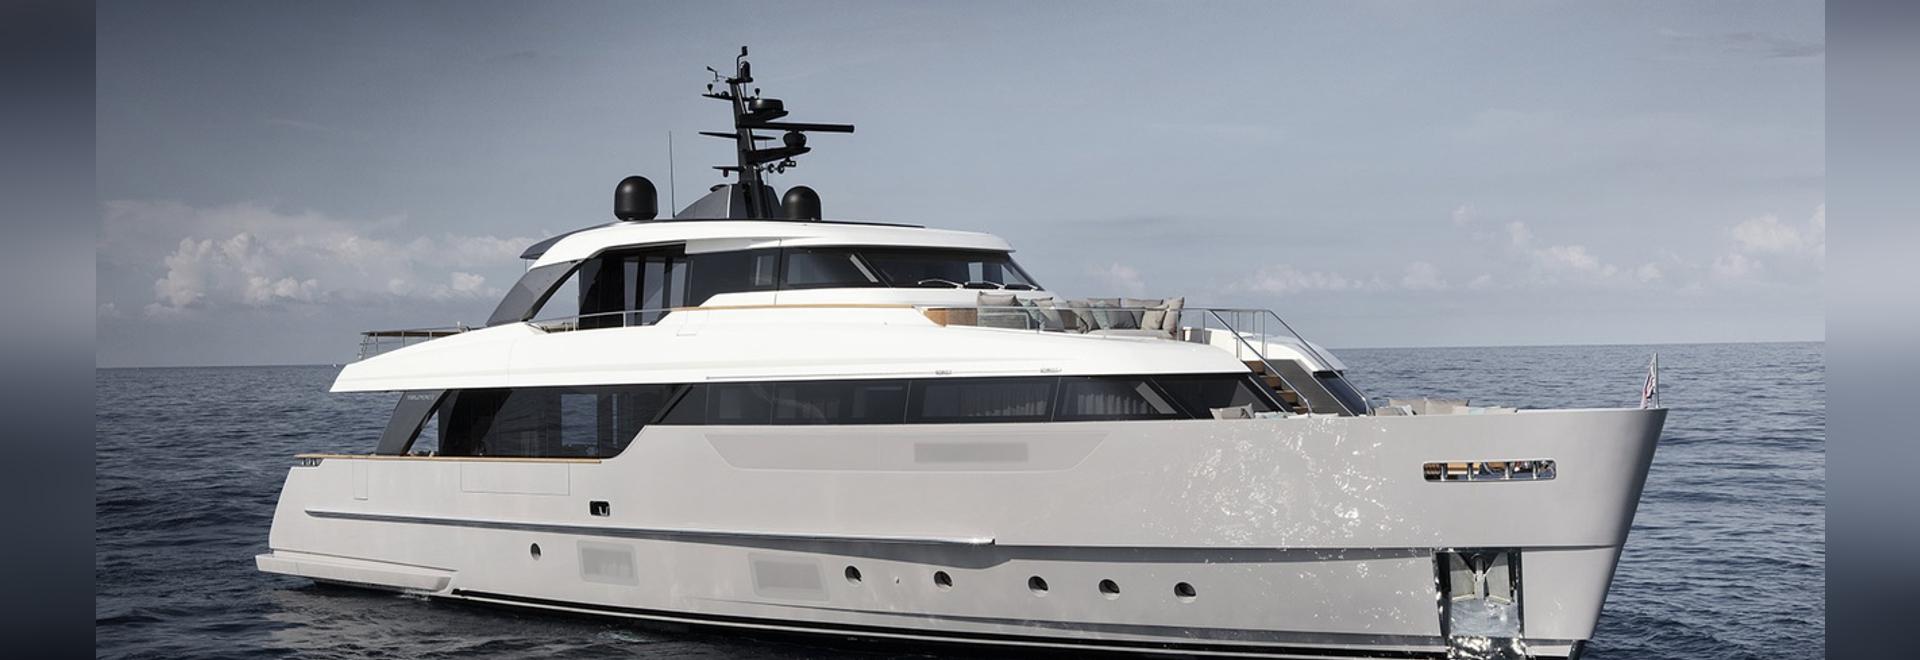 Sanlorenzo dévoile SD96 au Festival de Yachting de Cannes